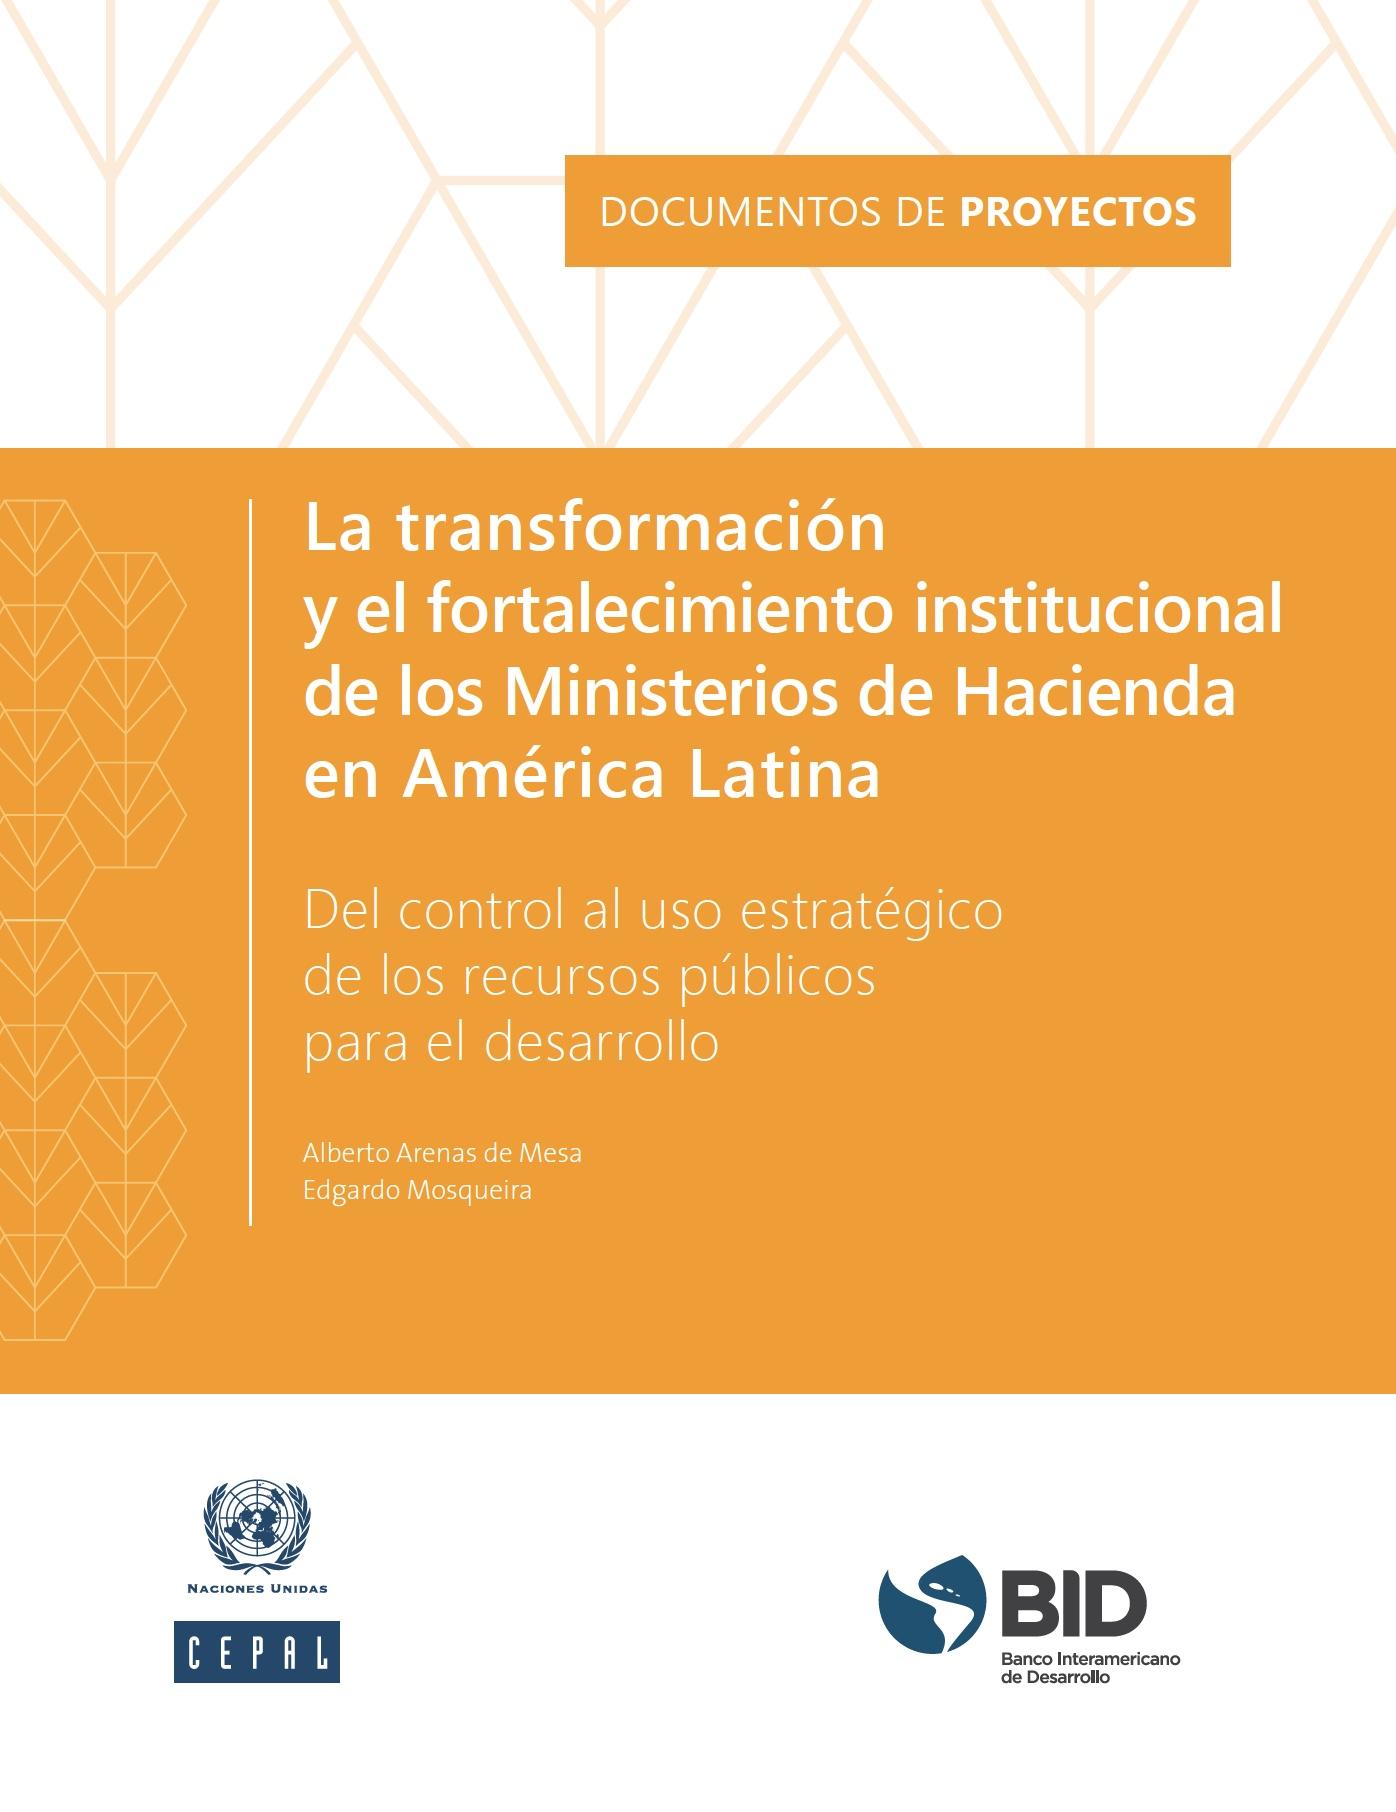 La transformación y el fortalecimiento institucional de los Ministerios de Hacienda en América Latina: del control al uso estratégico de los recursos públicos para el desarrollo